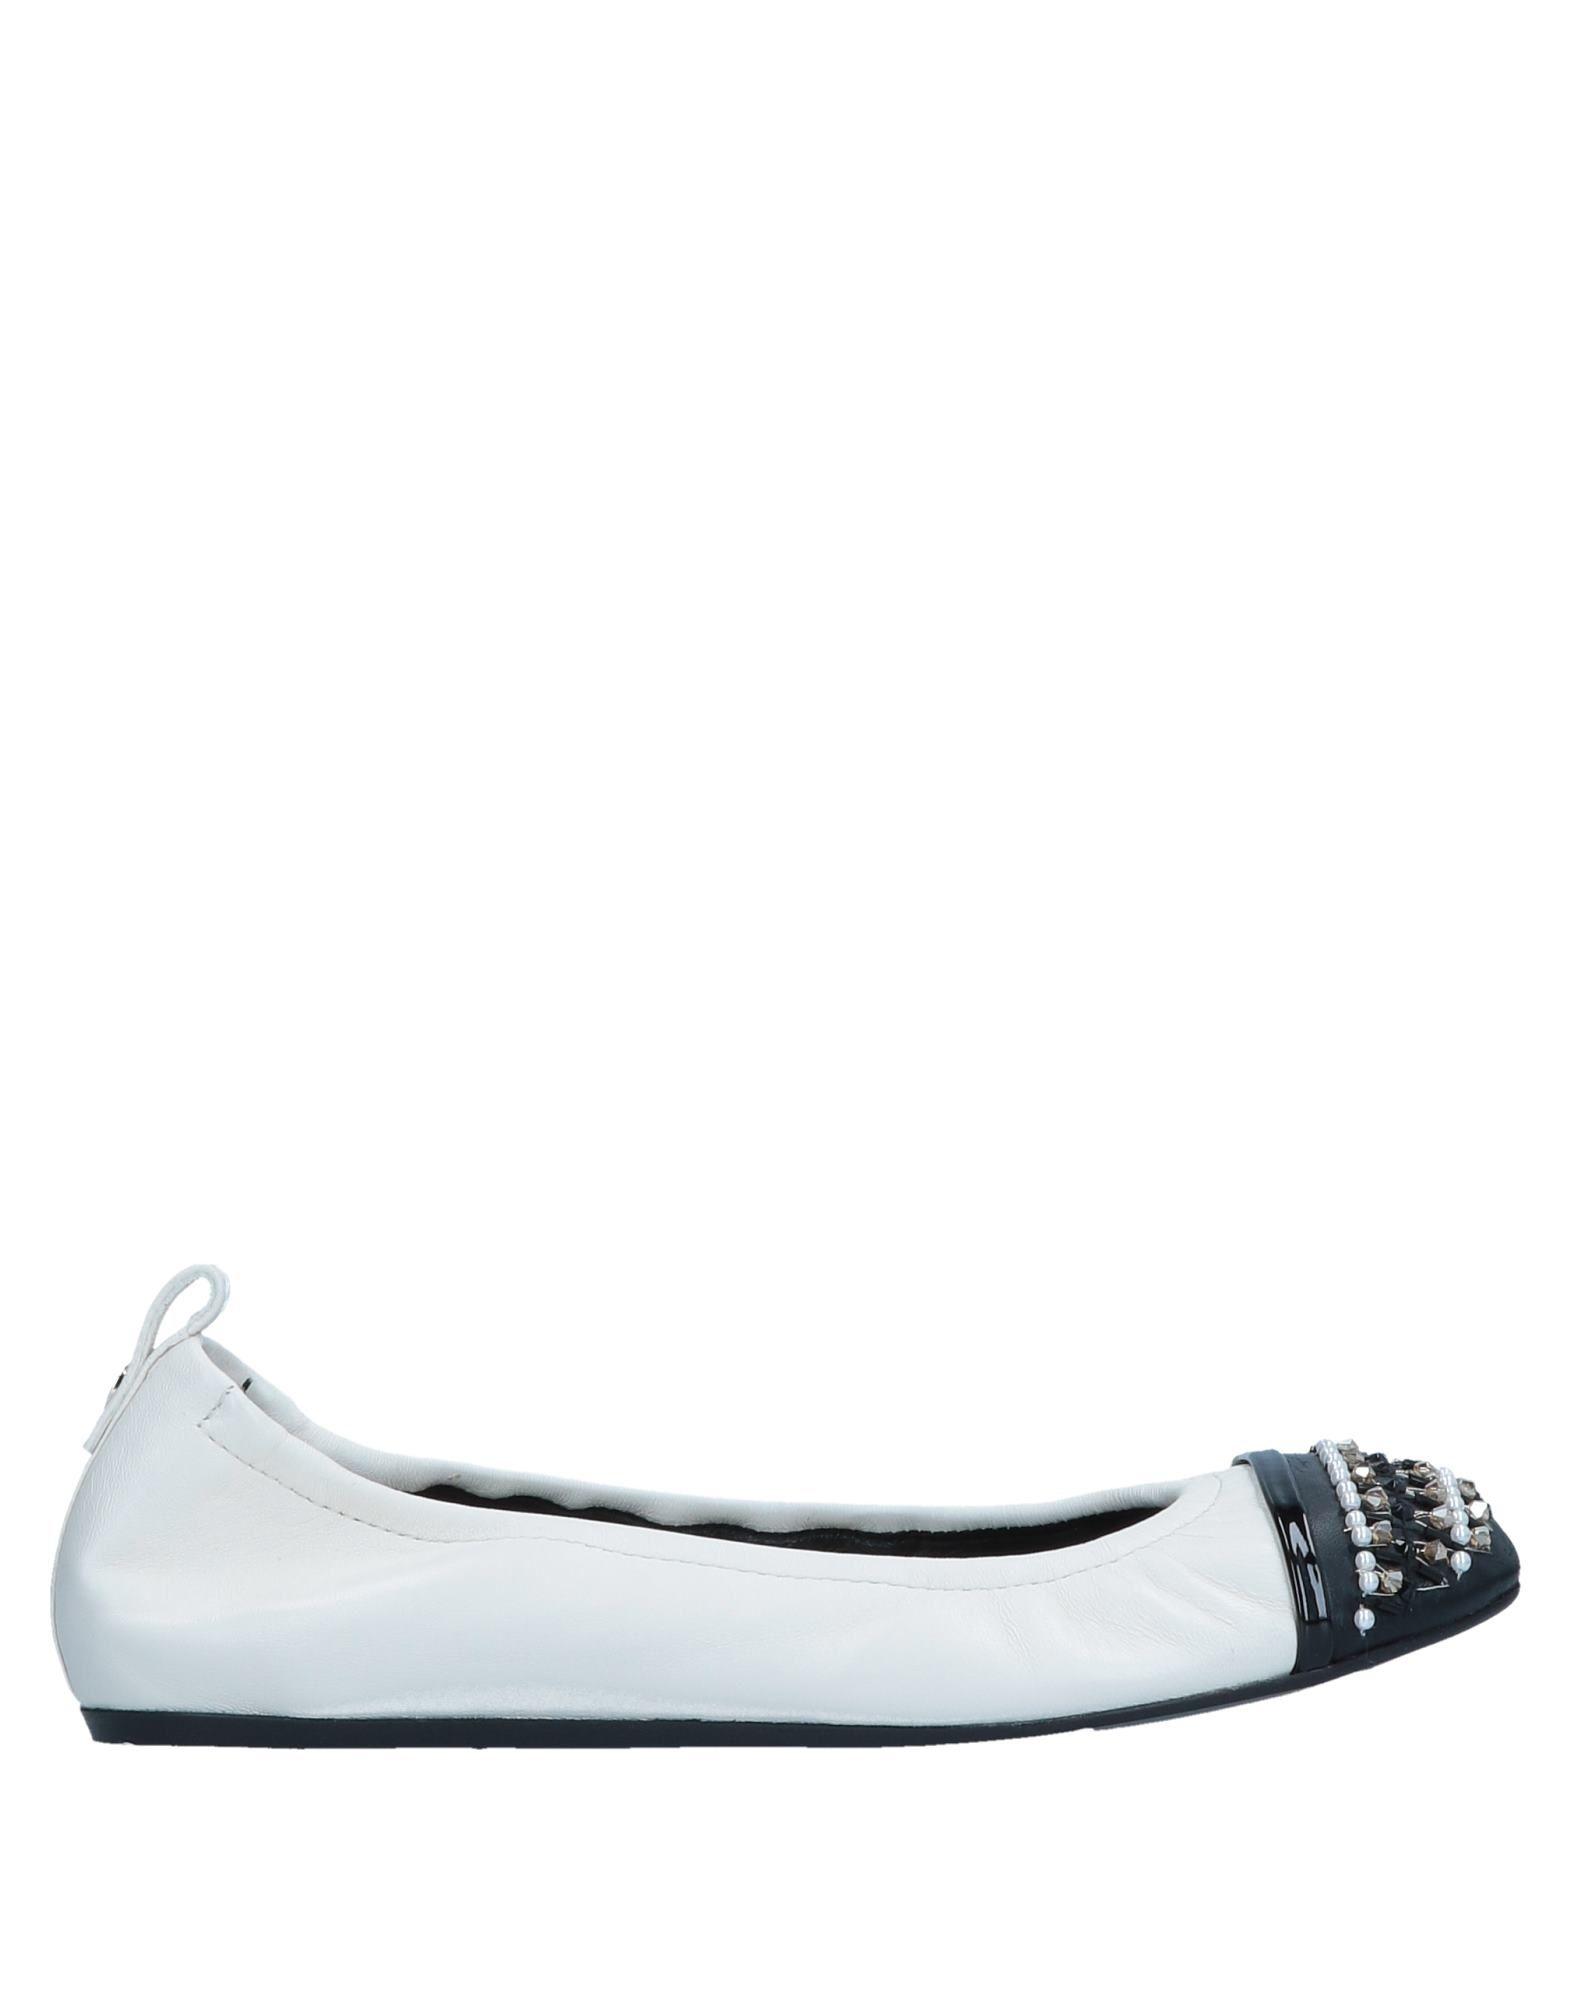 Ballerine Lanvin Donna - 11475667EA Scarpe economiche e buone